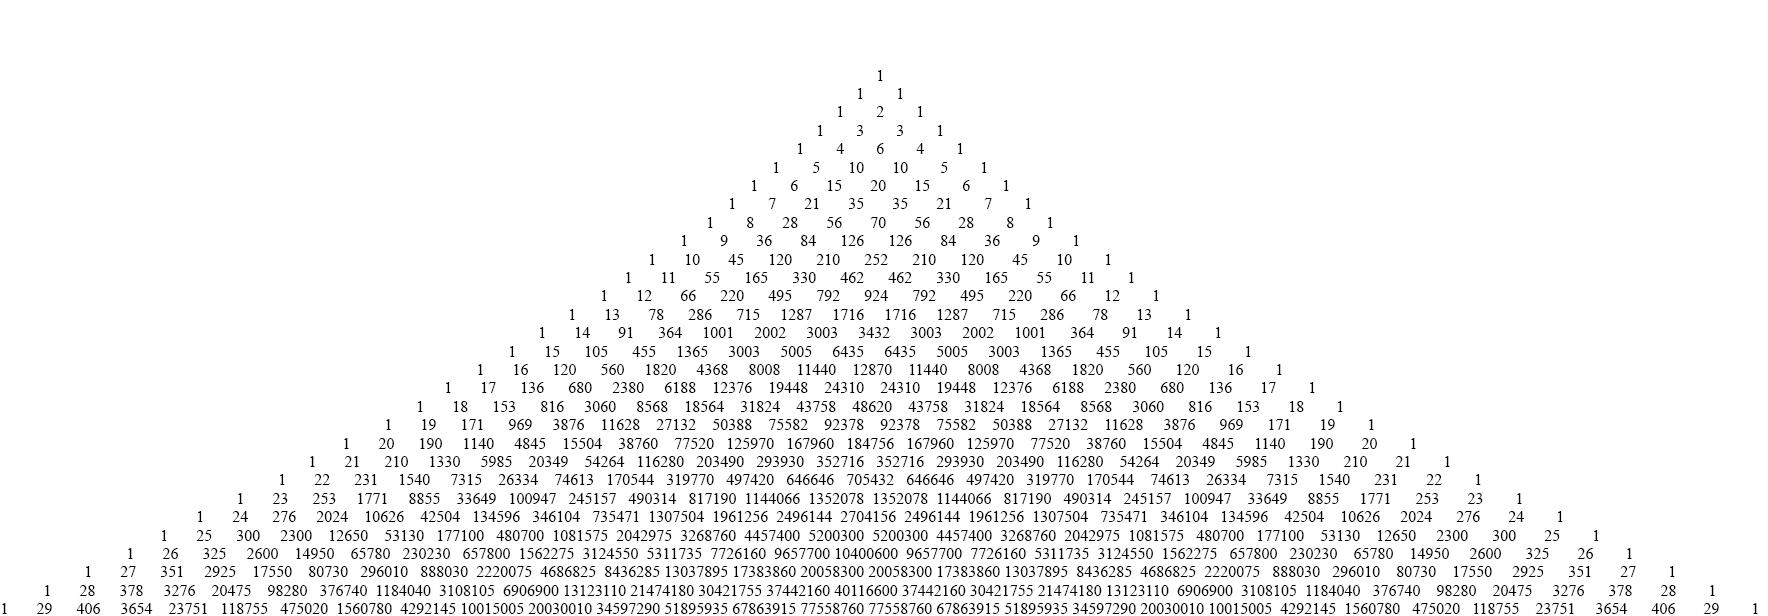 «Треугольник Паскаля так прост, что выписать его сможет даже десятилетний ребенок. Втоже время он таит всебе неисчерпаемые сокровища исвязывает воедино различные аспекты математики, не имеющие на первый взгляд между собой ничего общего. Столь необычные свойства позволяют считать треугольник Паскаля одной из наиболее изящных схем во всей математике» © Мартин Гарднер